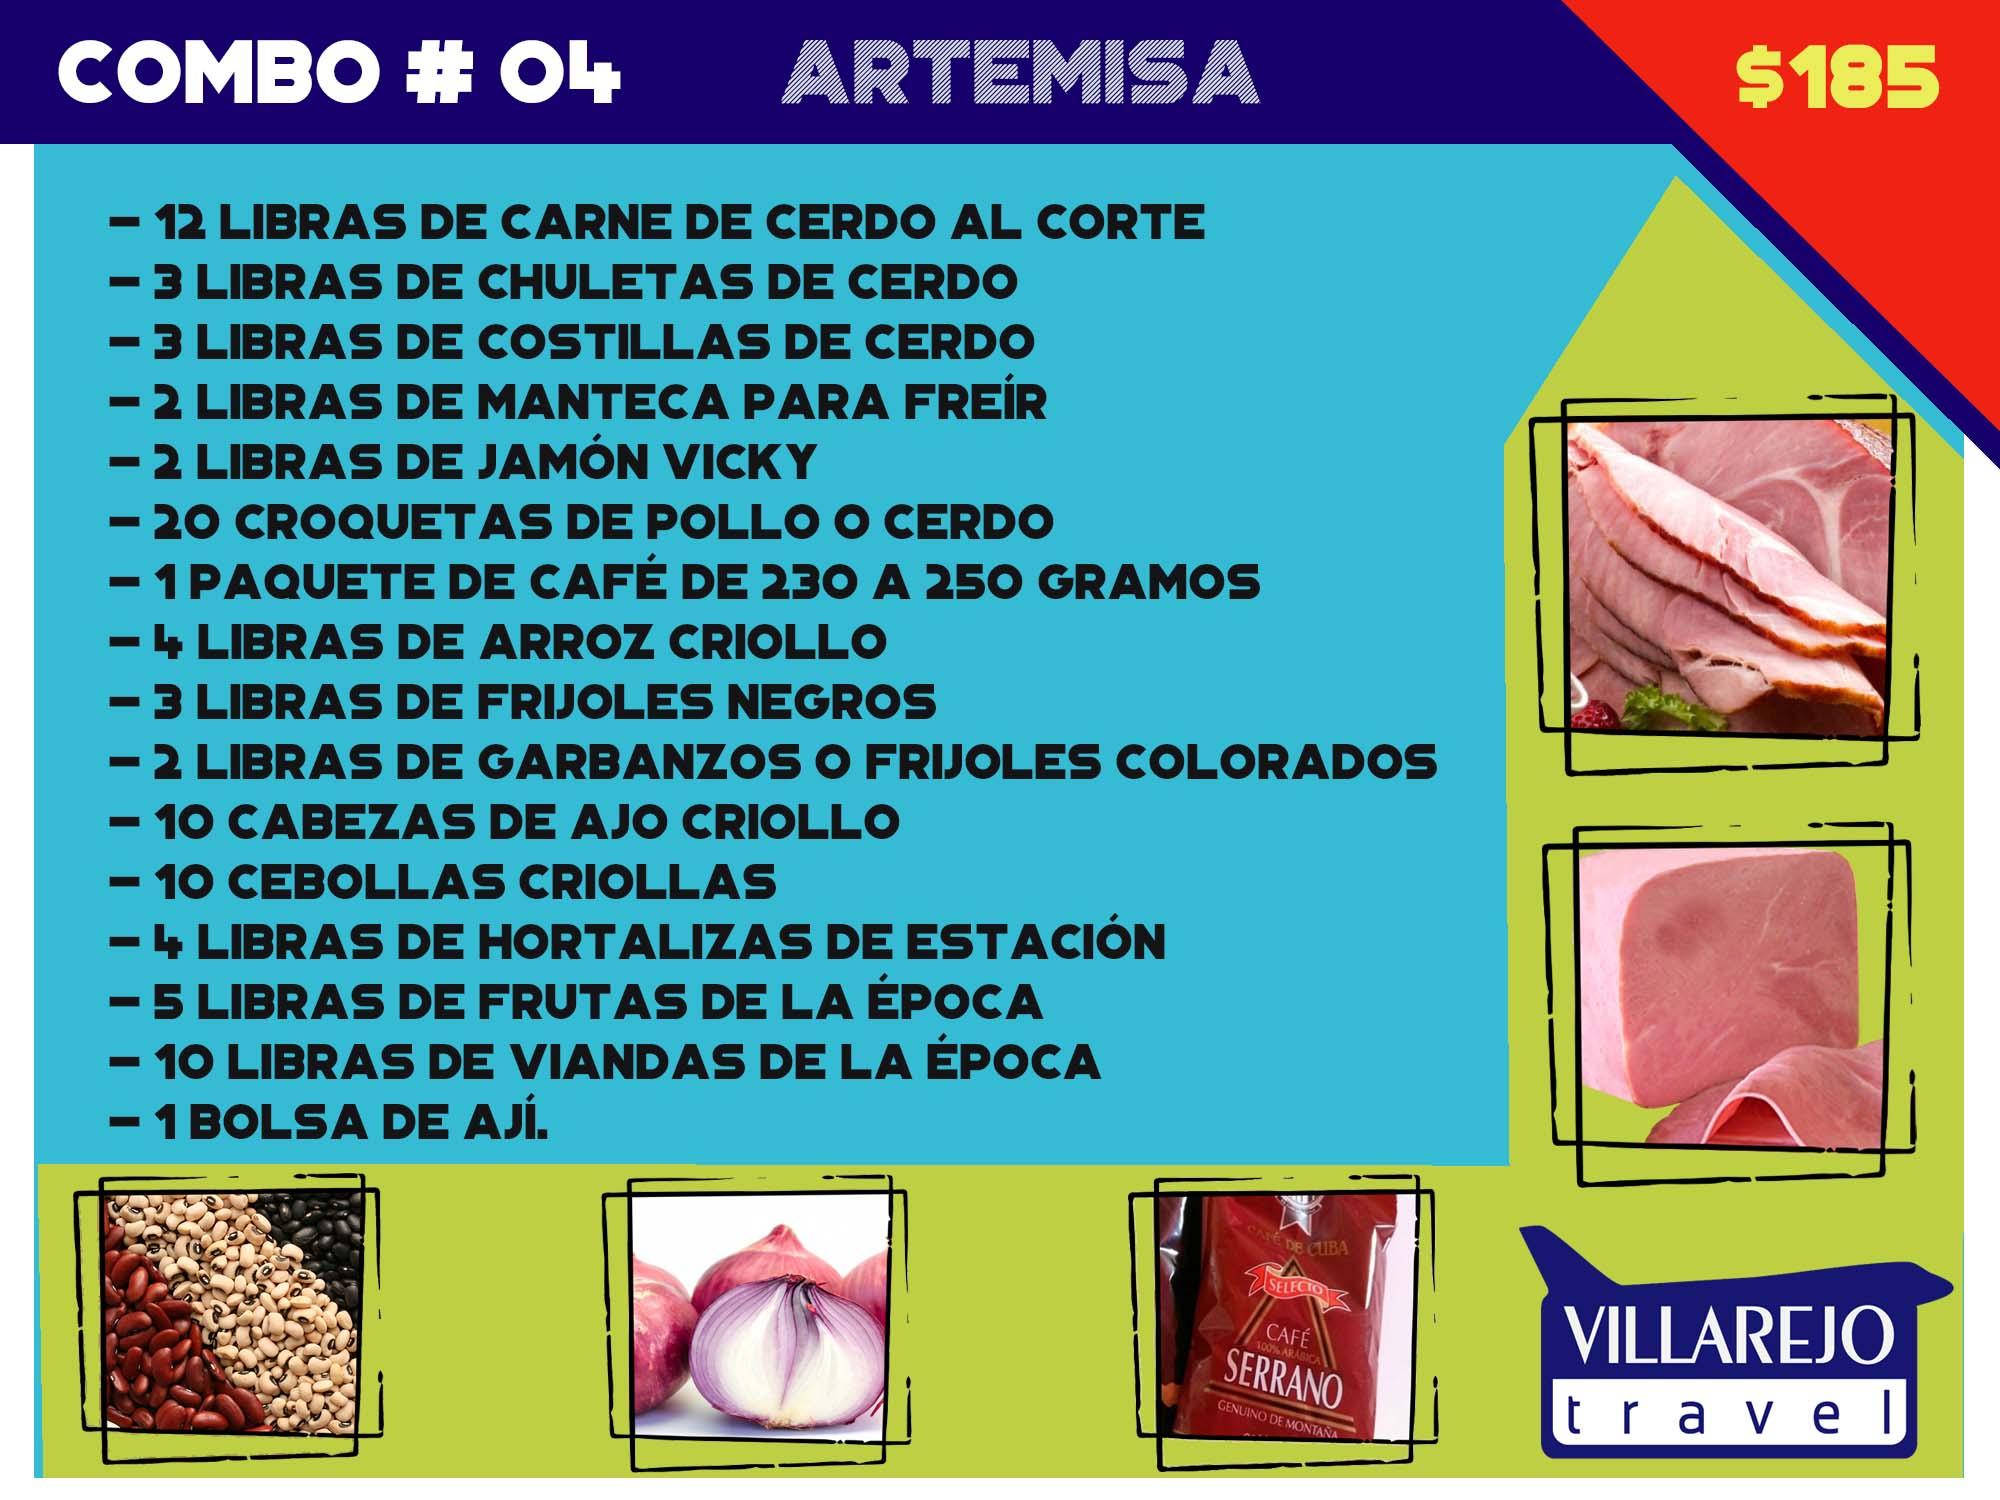 COMBO # 4 PROVINCIA DE ARTEMISA